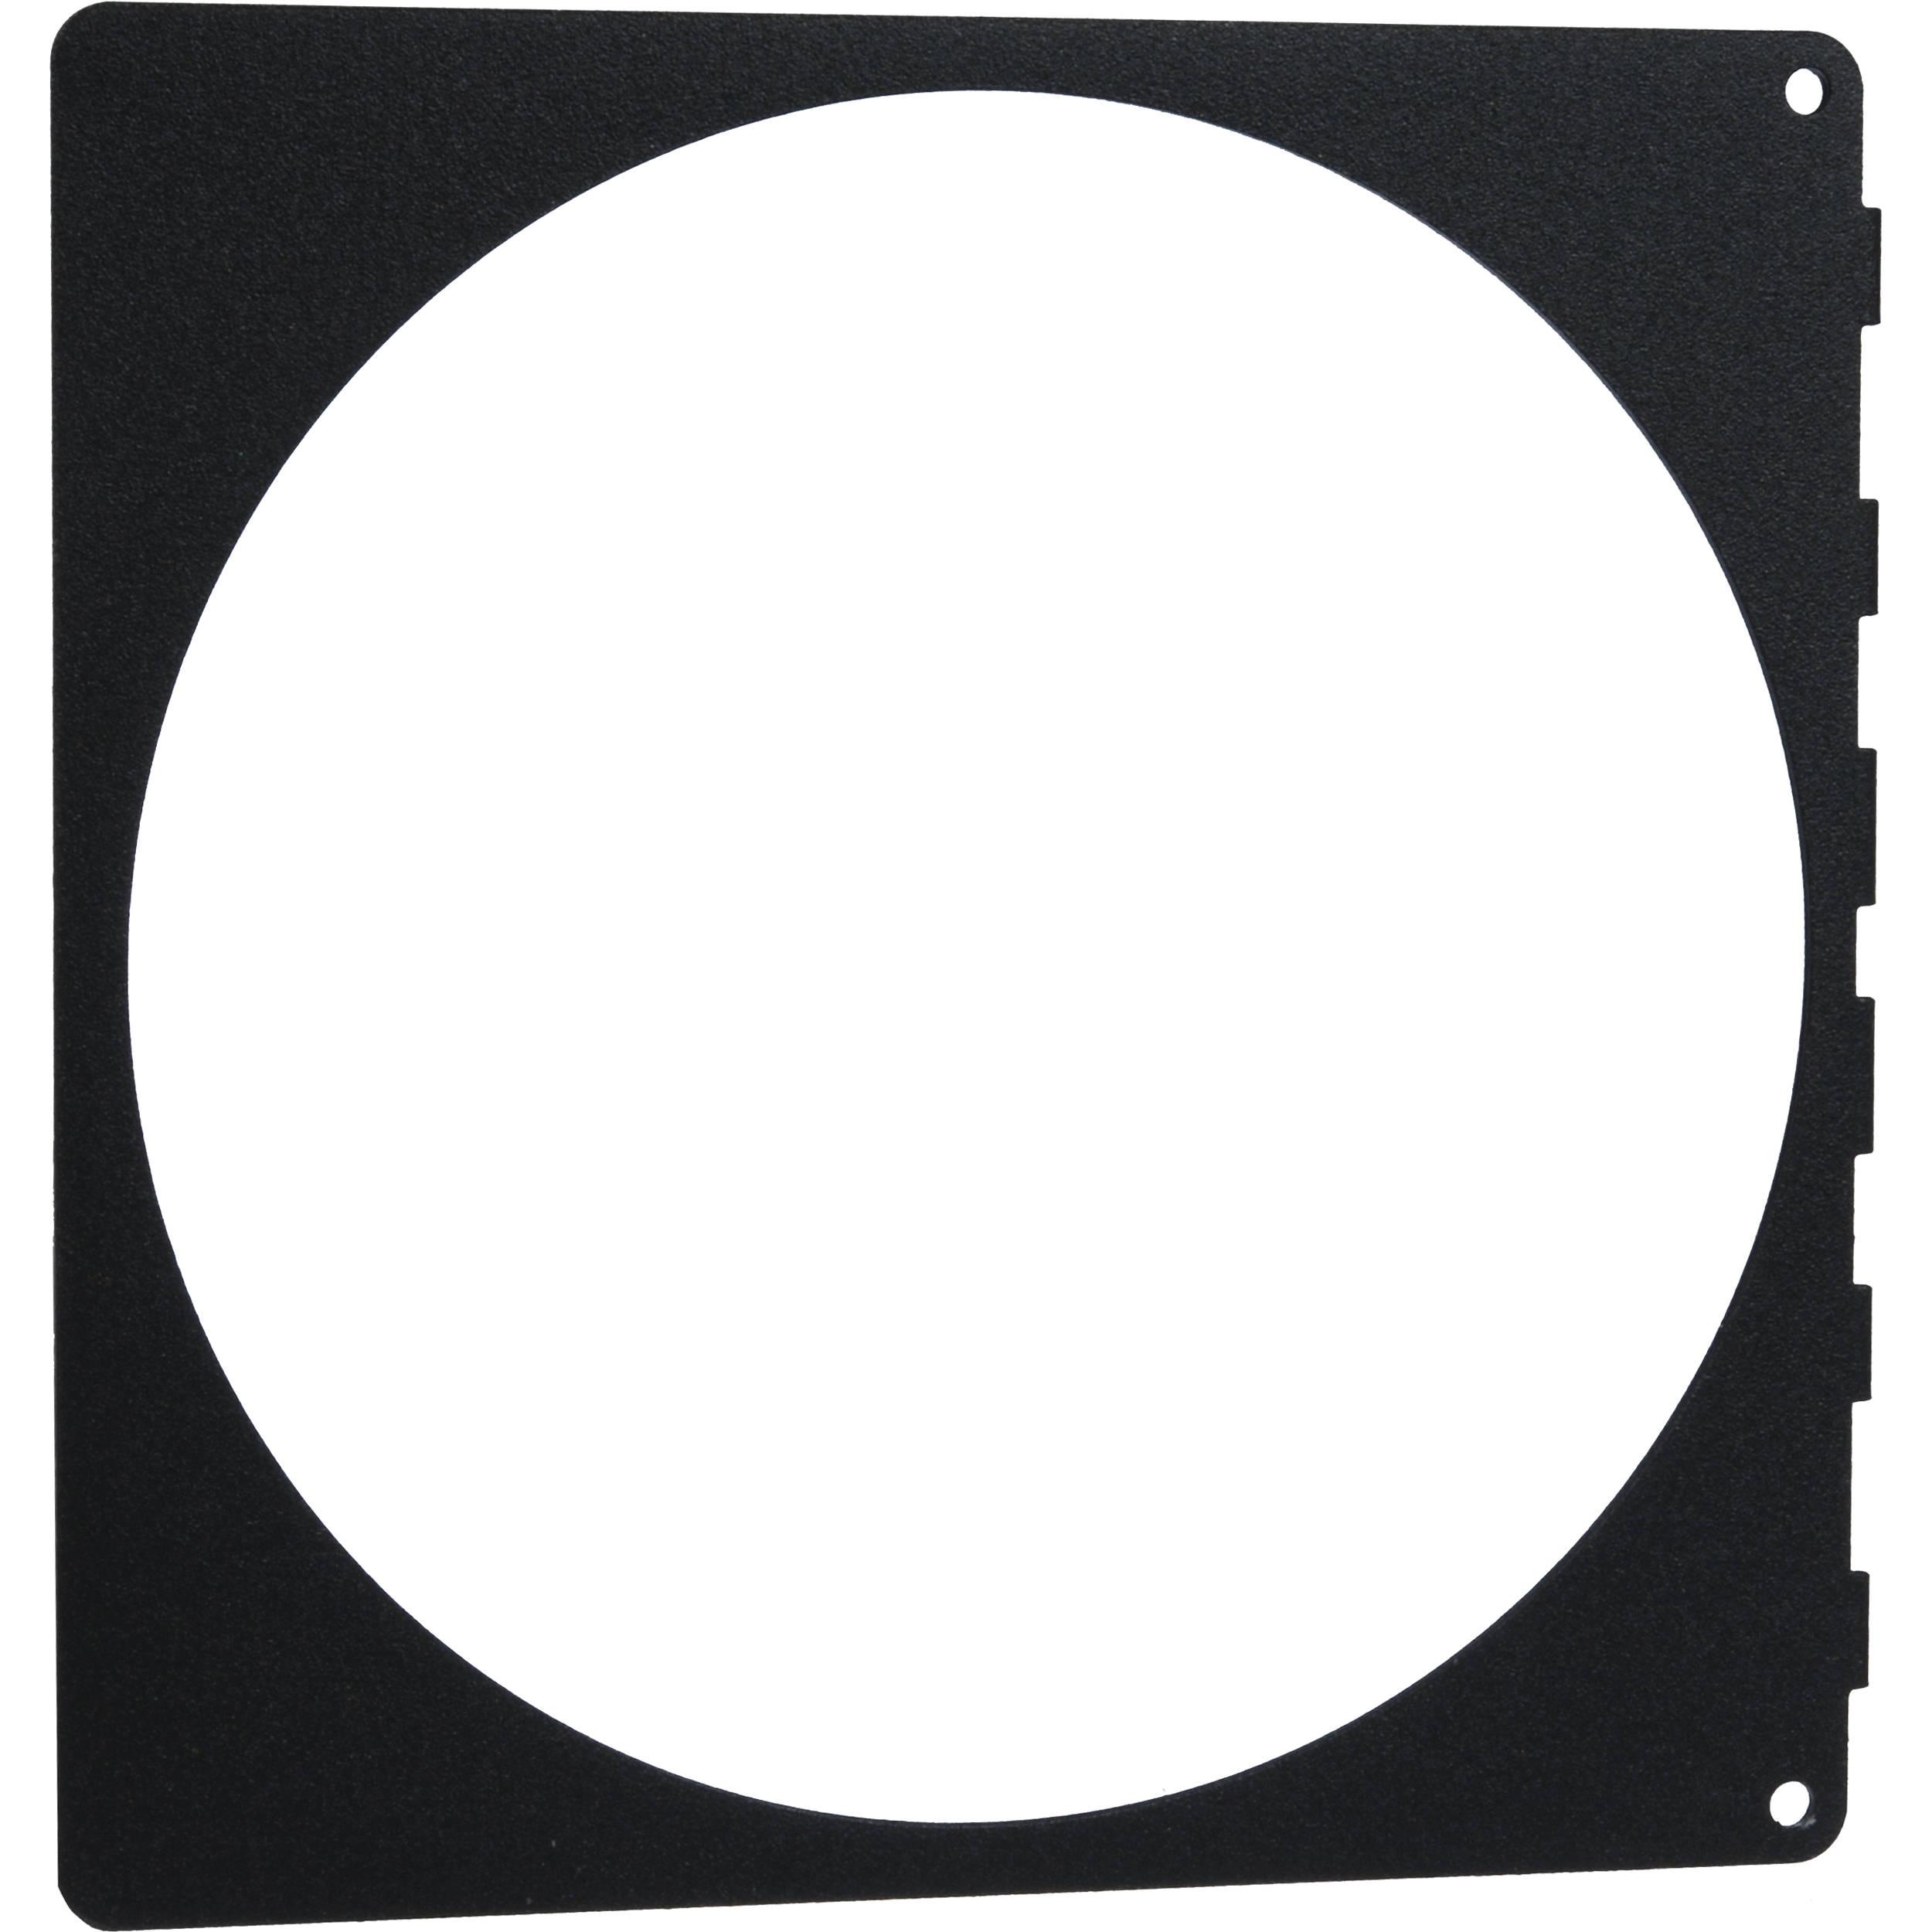 Strand Lighting 6.25 x 6.25  Color Frame for SPX  sc 1 st  Bu0026H & Strand Lighting 6.25 x 6.25